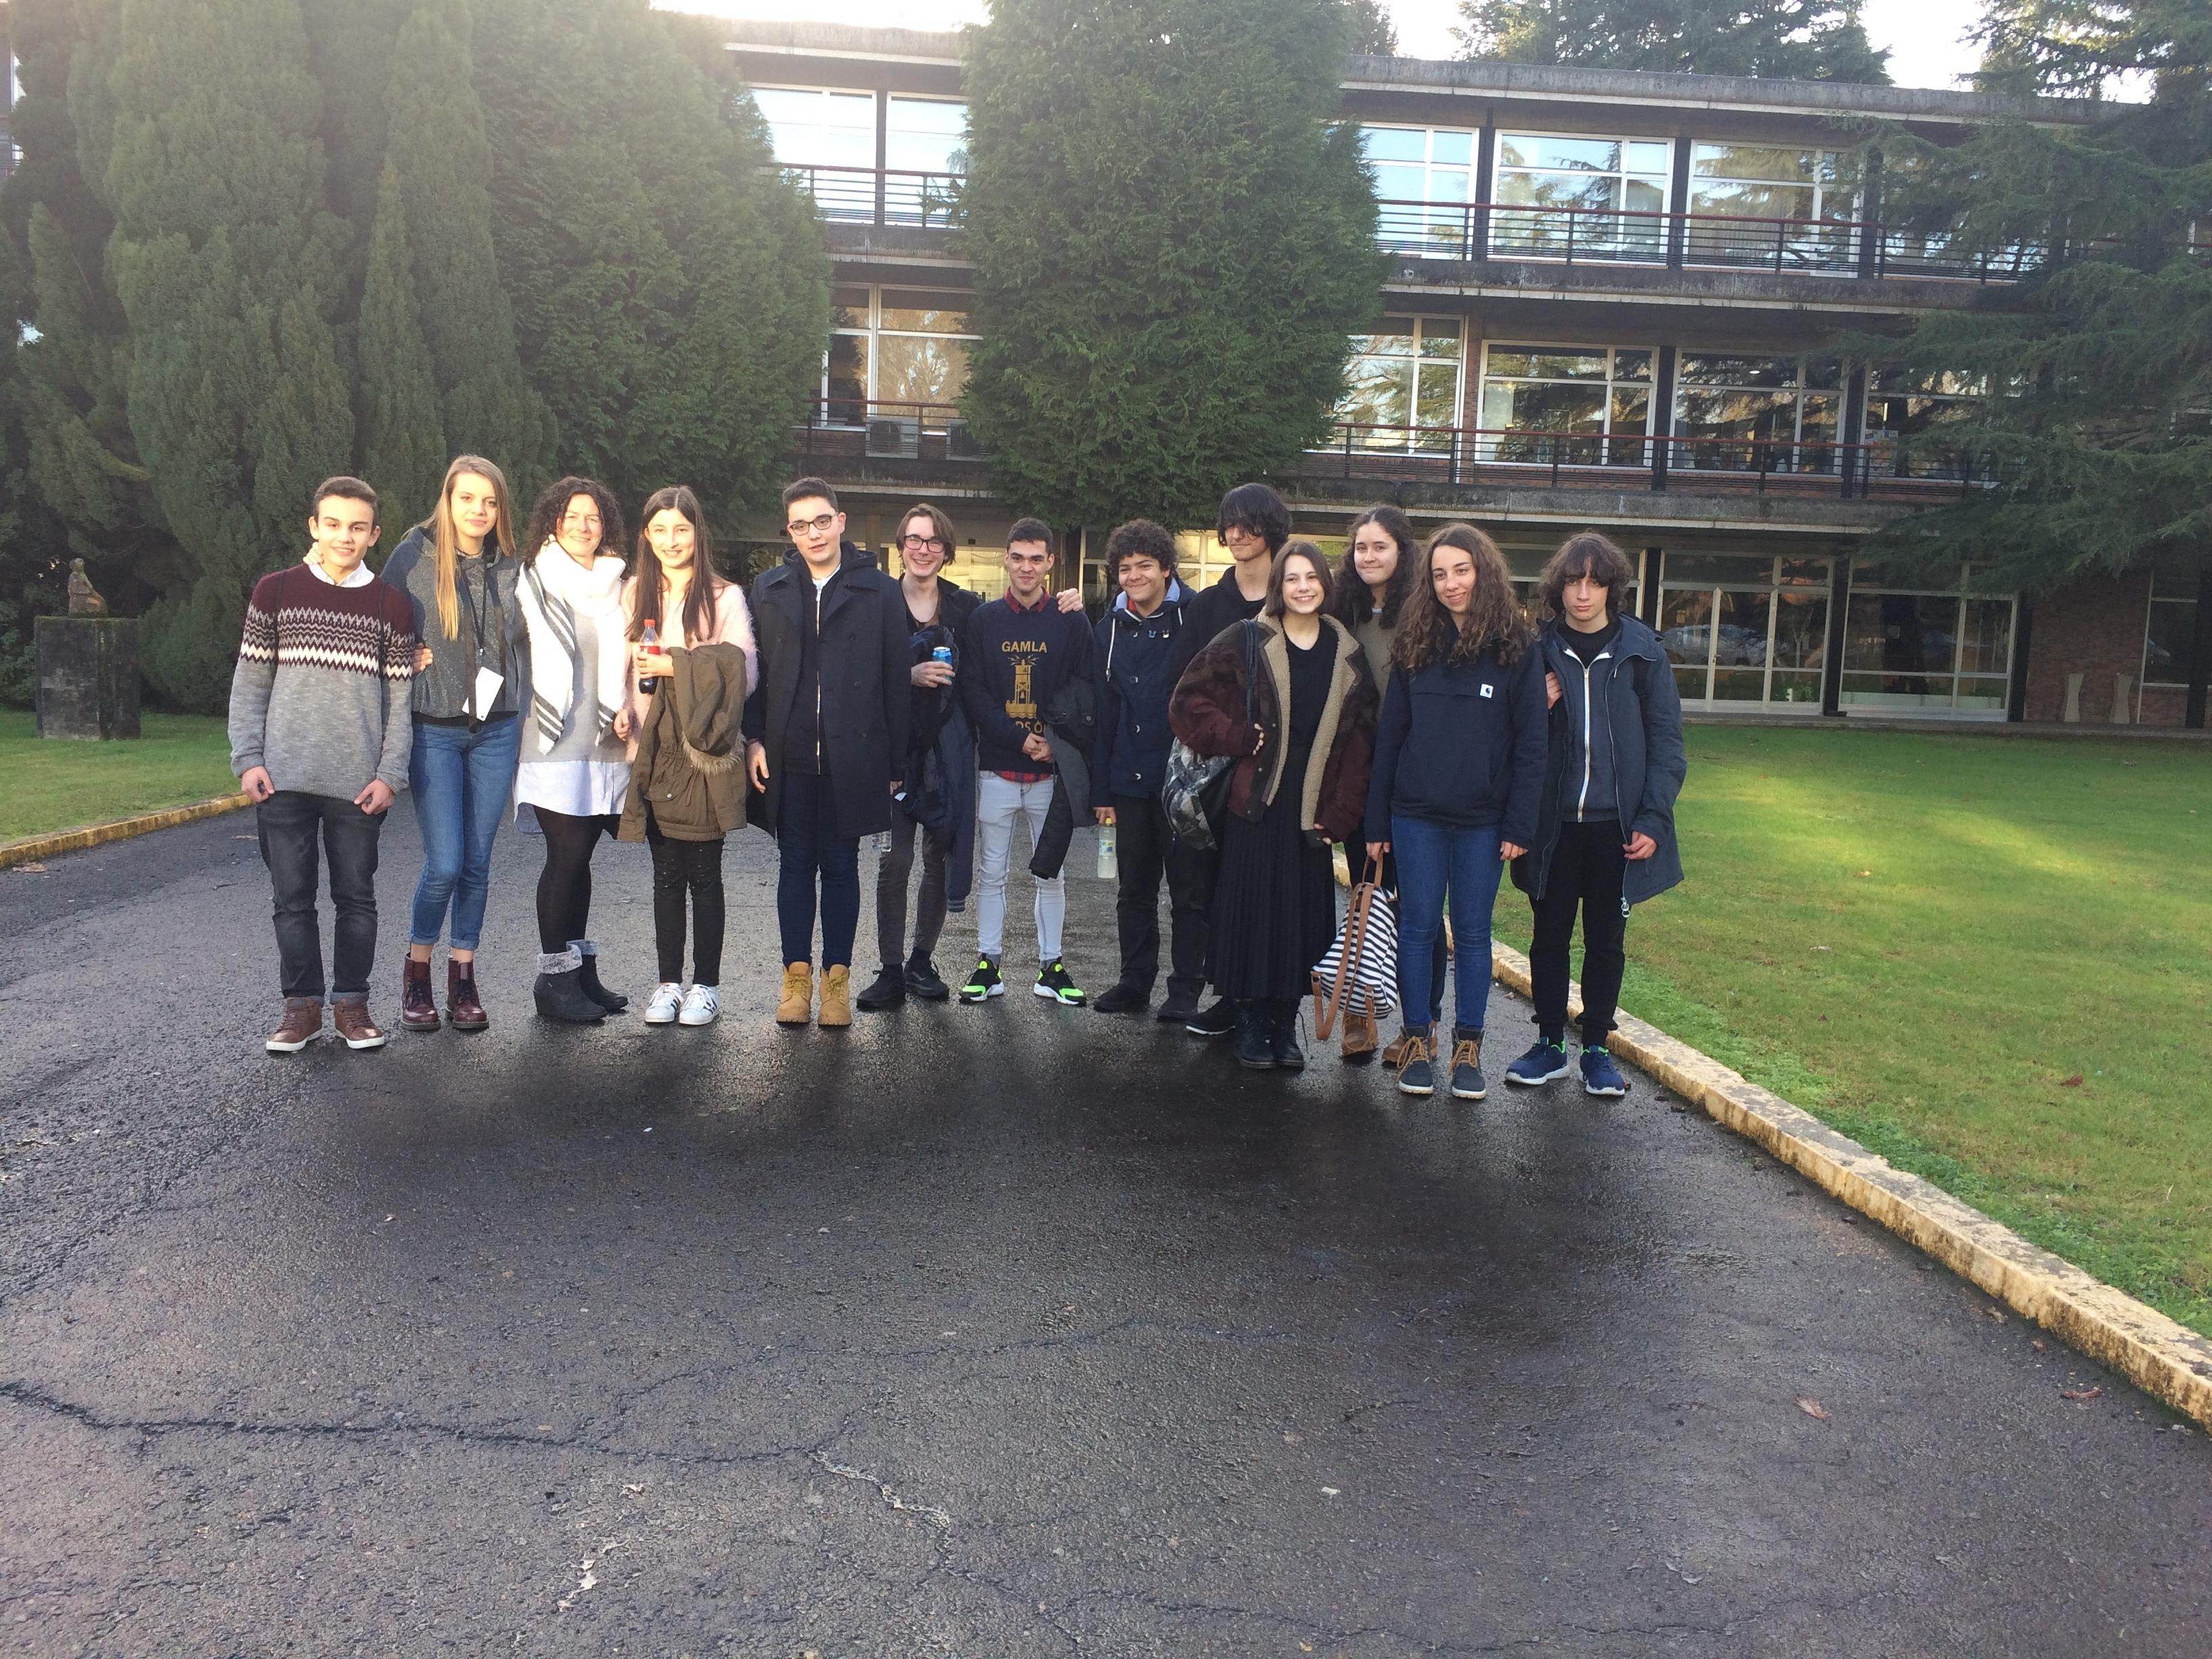 Universidad de Santiago (USC) y Escuela Superior de Hostelería de Galicia (CSHG)